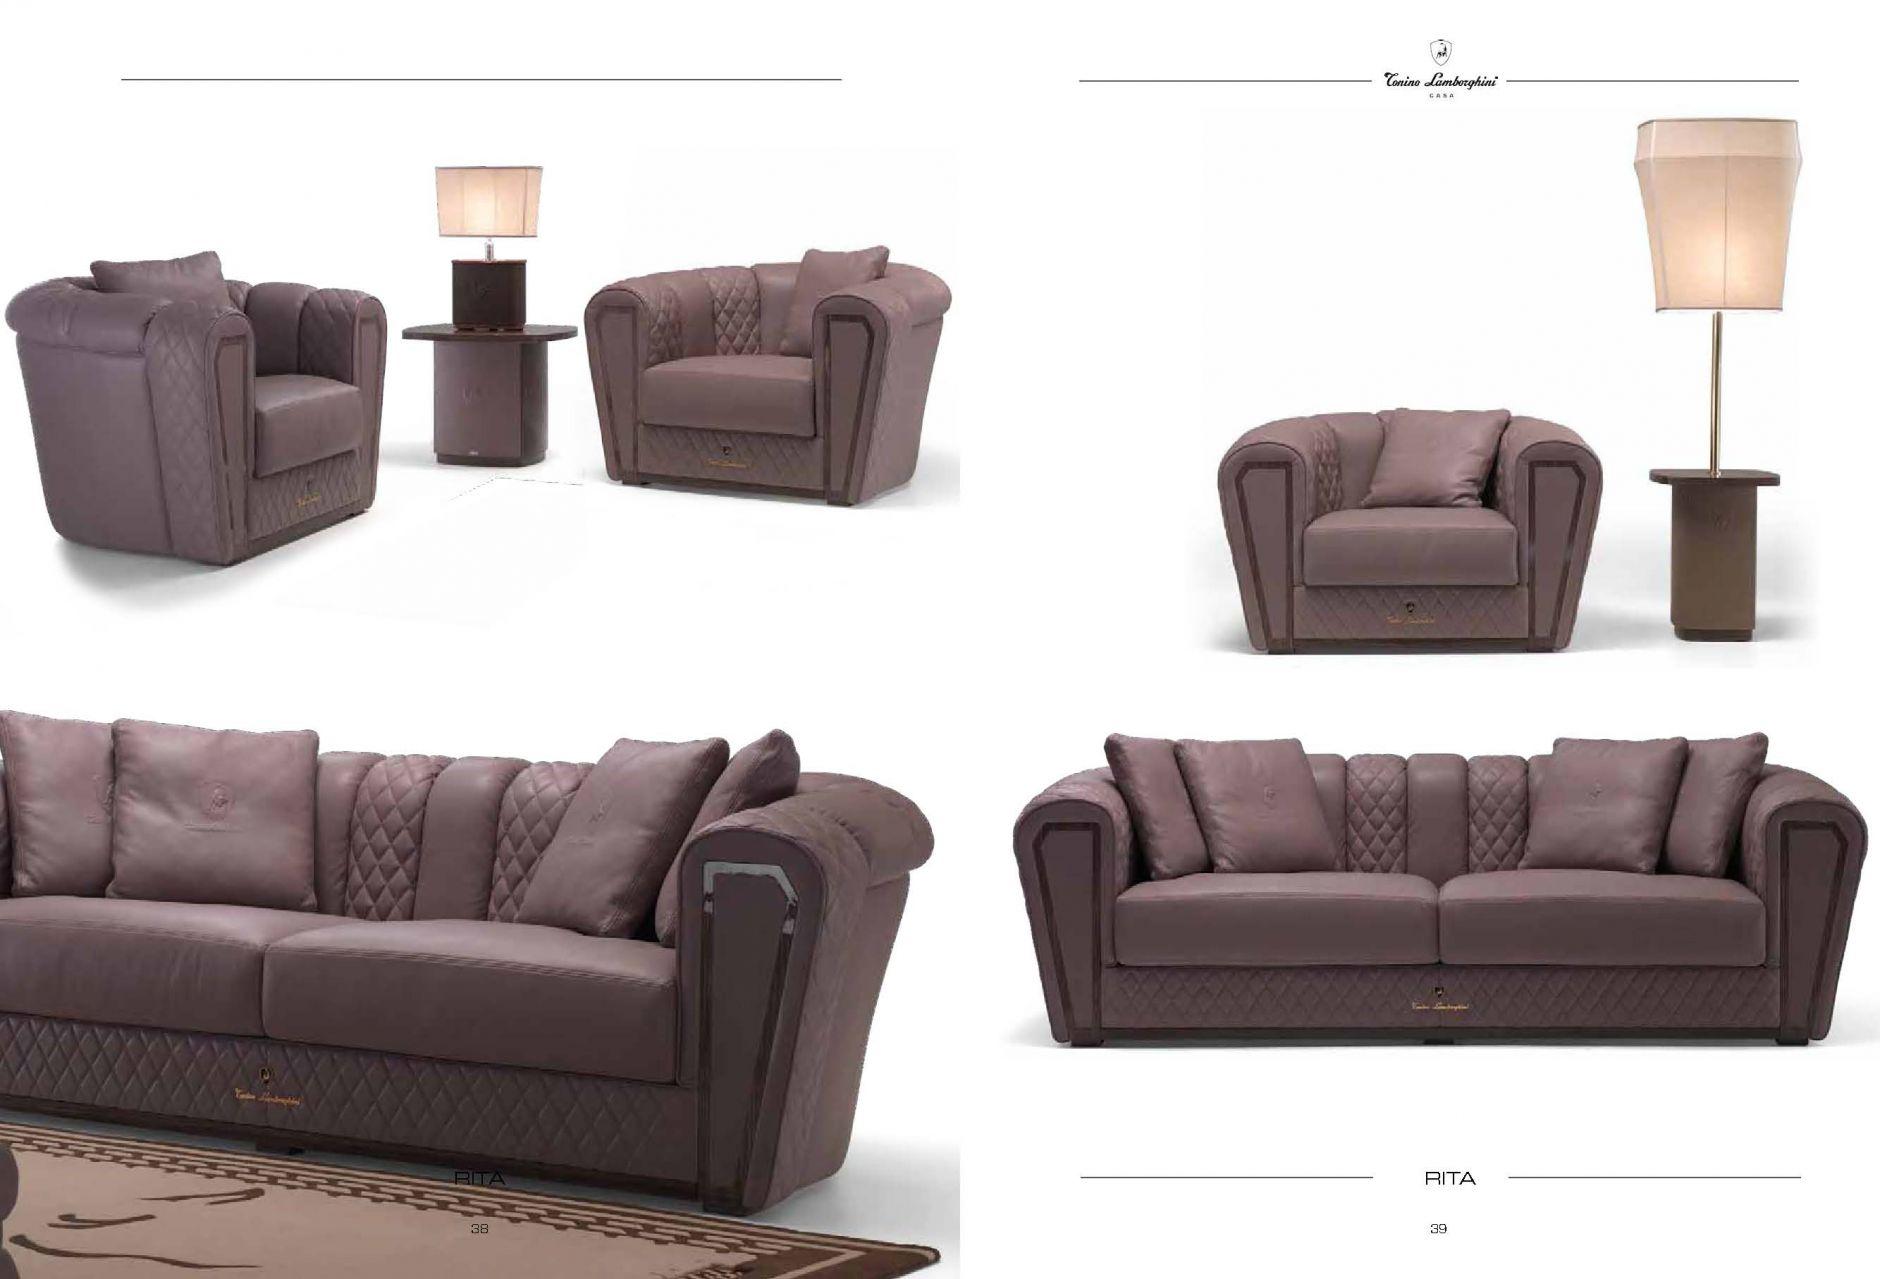 vip sofas luxus m bel serie ritadie m bel aus italien. Black Bedroom Furniture Sets. Home Design Ideas